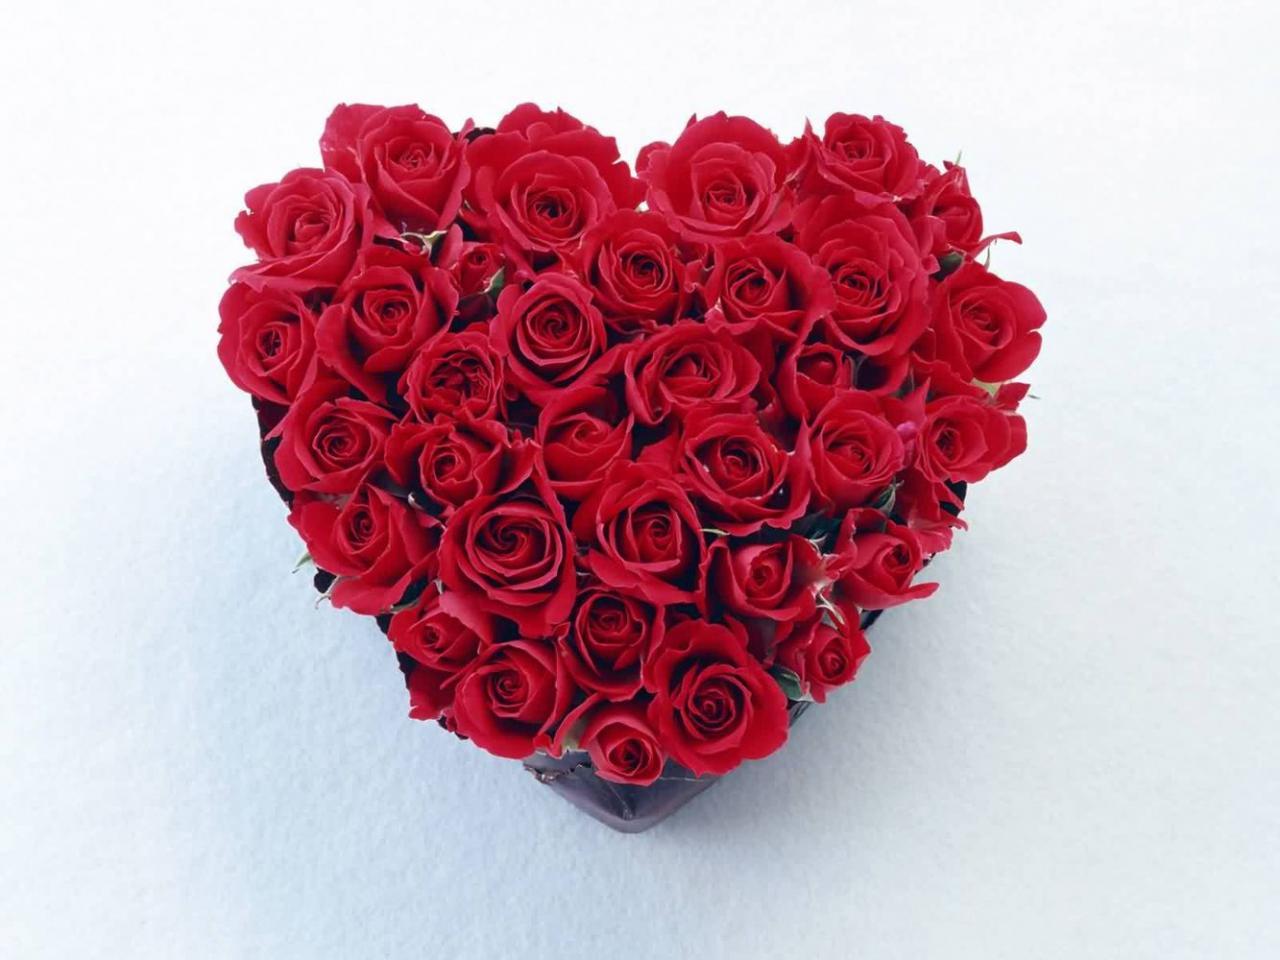 صورة اجمل رومانسيه , رسائل للحب و العشق و الغرام روووعة 667